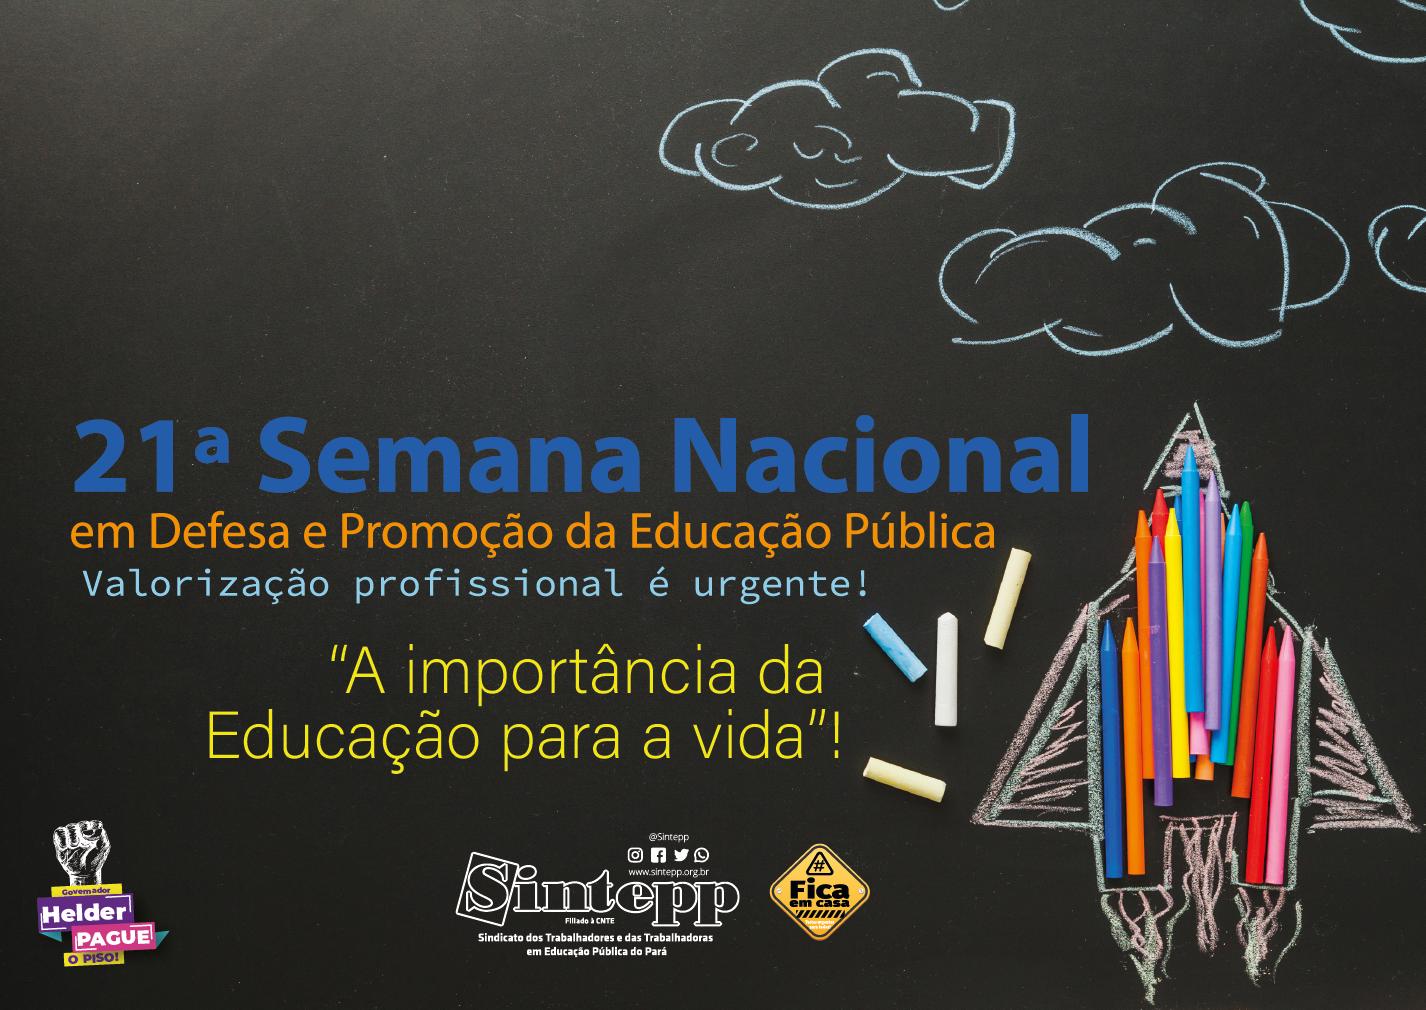 21ª Semana Nacional em Defesa e Promoção da Educação Pública